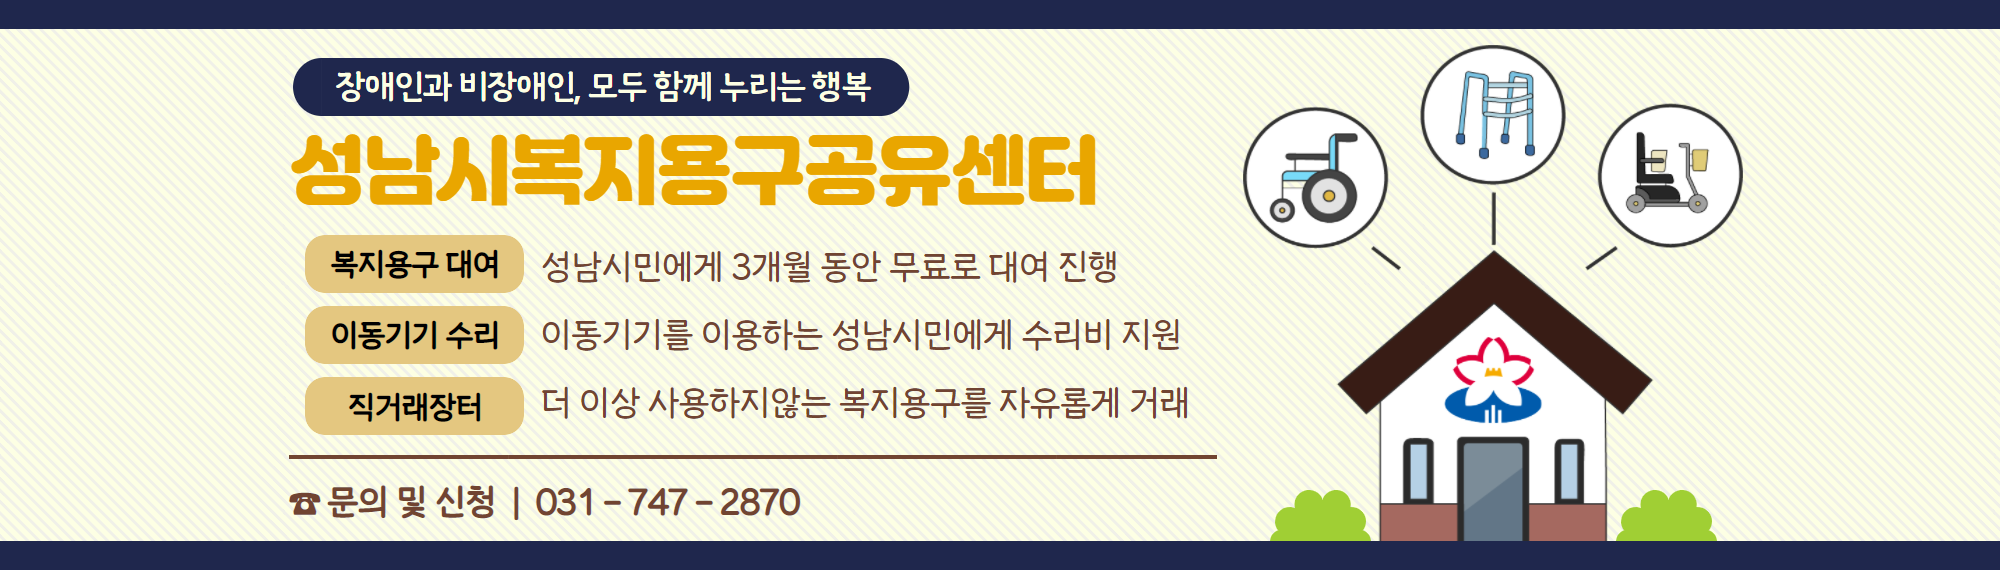 성남시 복지용구공유센터 배너